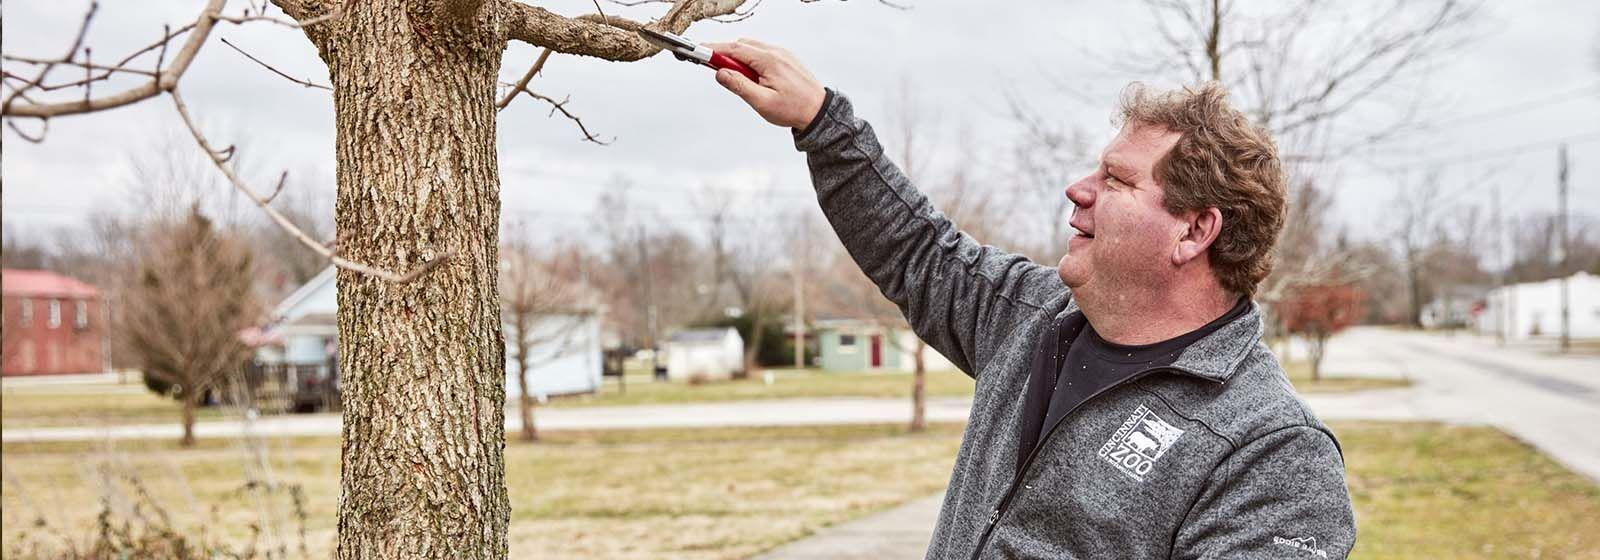 Tornado devastated Ohio village but not its spirit